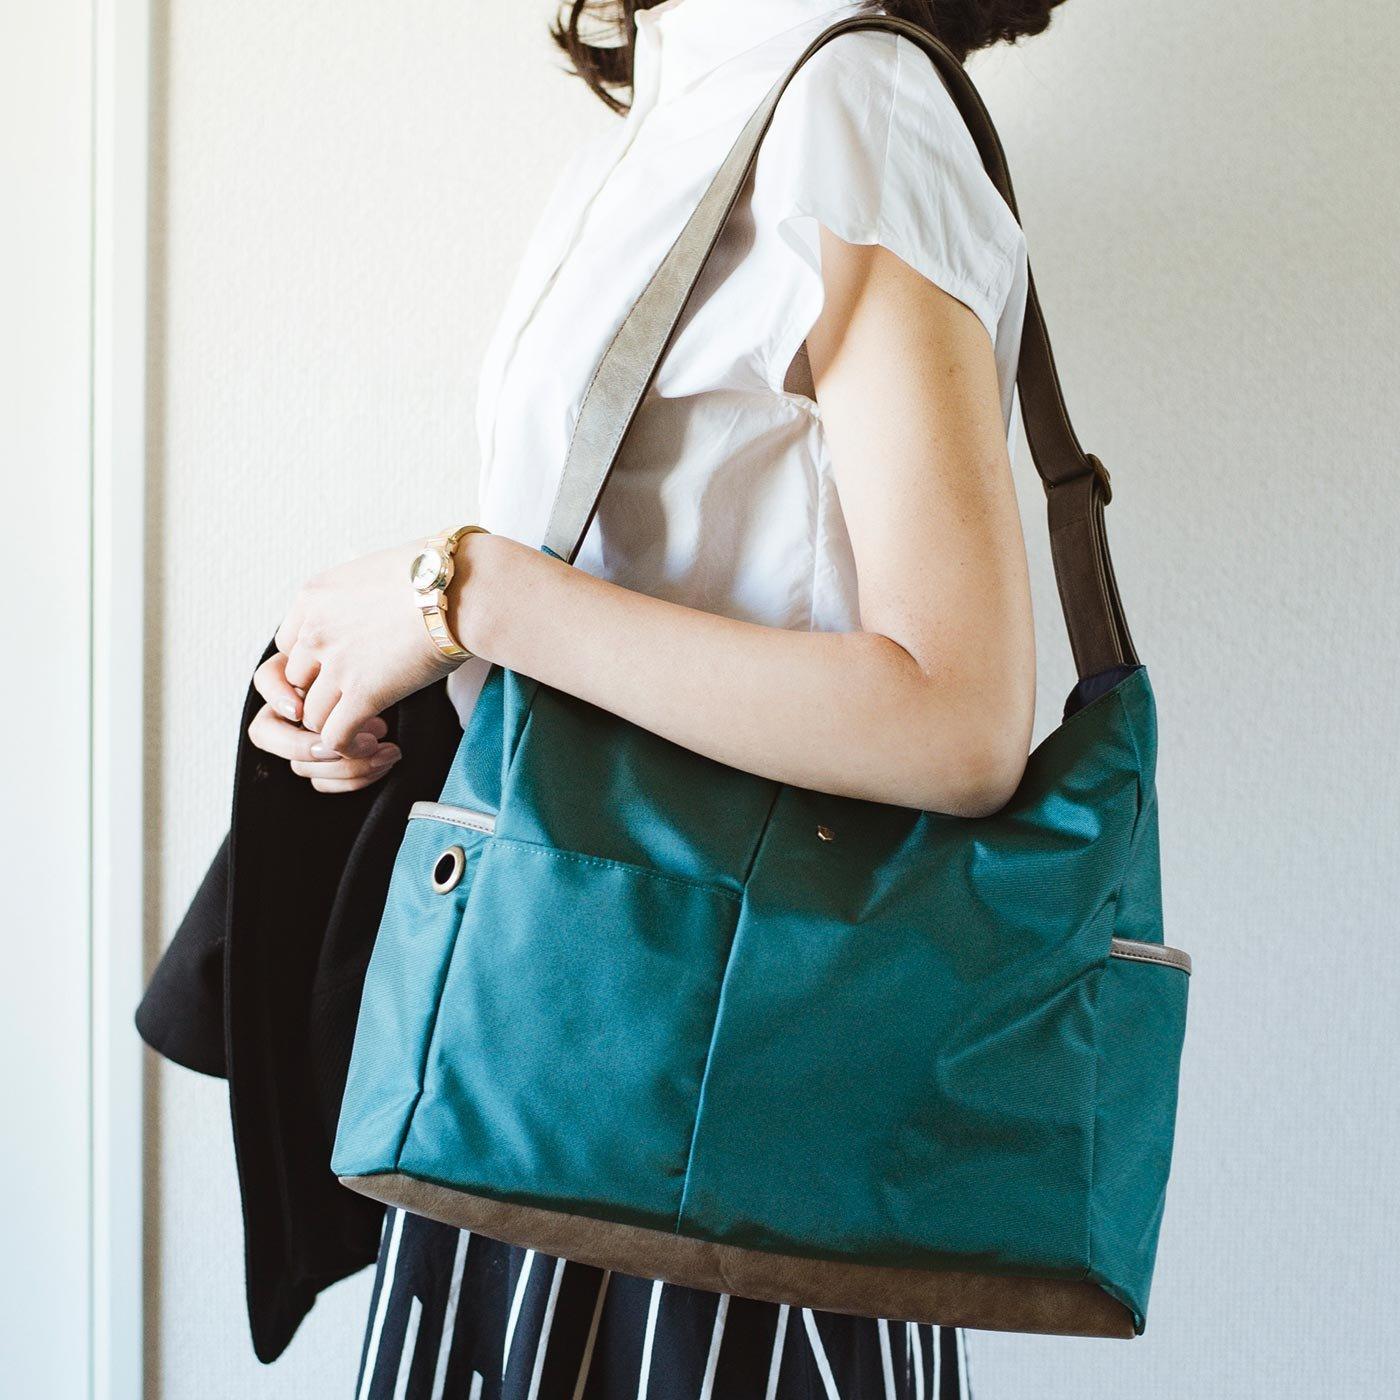 エッセイスト・整理収納アドバイザー柳沢小実さんと作った すっきりかしこくポケット収納 整理整とん軽量バッグの会